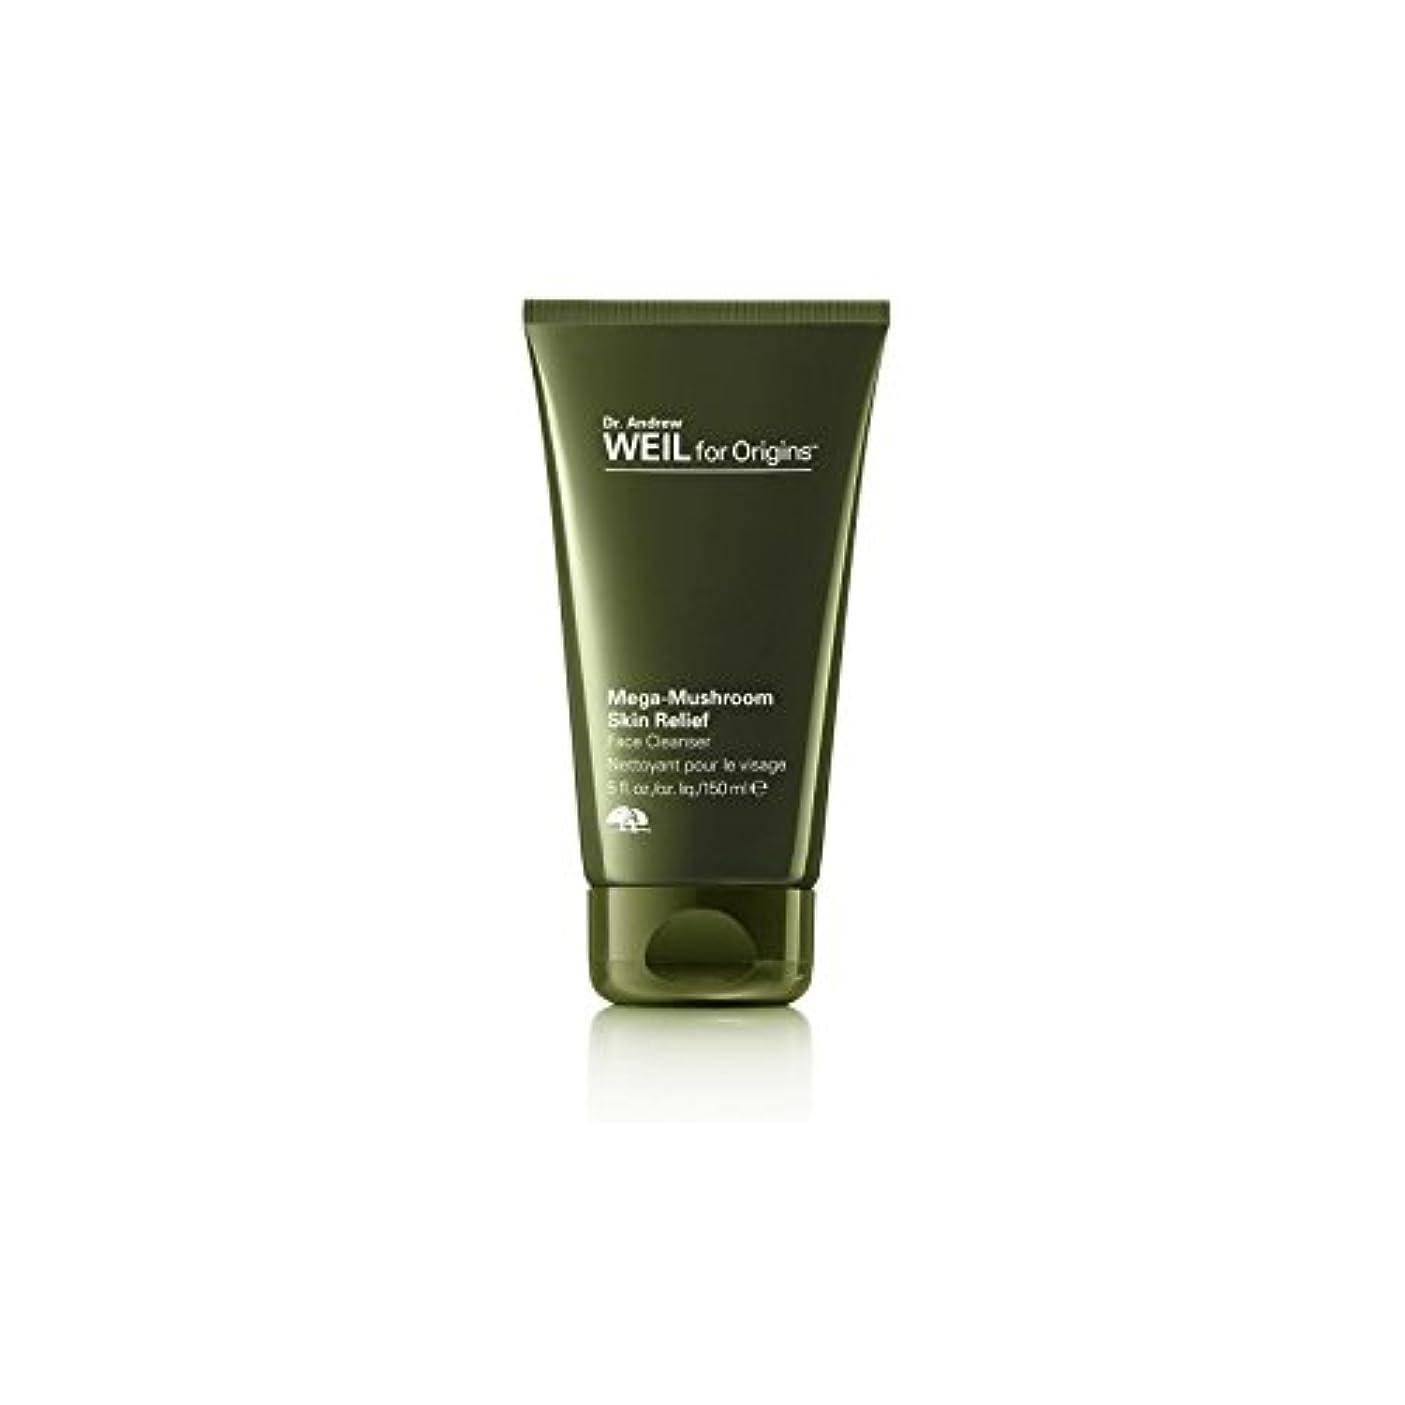 更新する航空会社偽善者起源アンドルー?ワイル起源メガキノコ皮膚救済顔クレンザー150ミリリットルのために x2 - Origins Dr. Andrew Weil For Origins Mega-Mushroom Skin Relief Face...